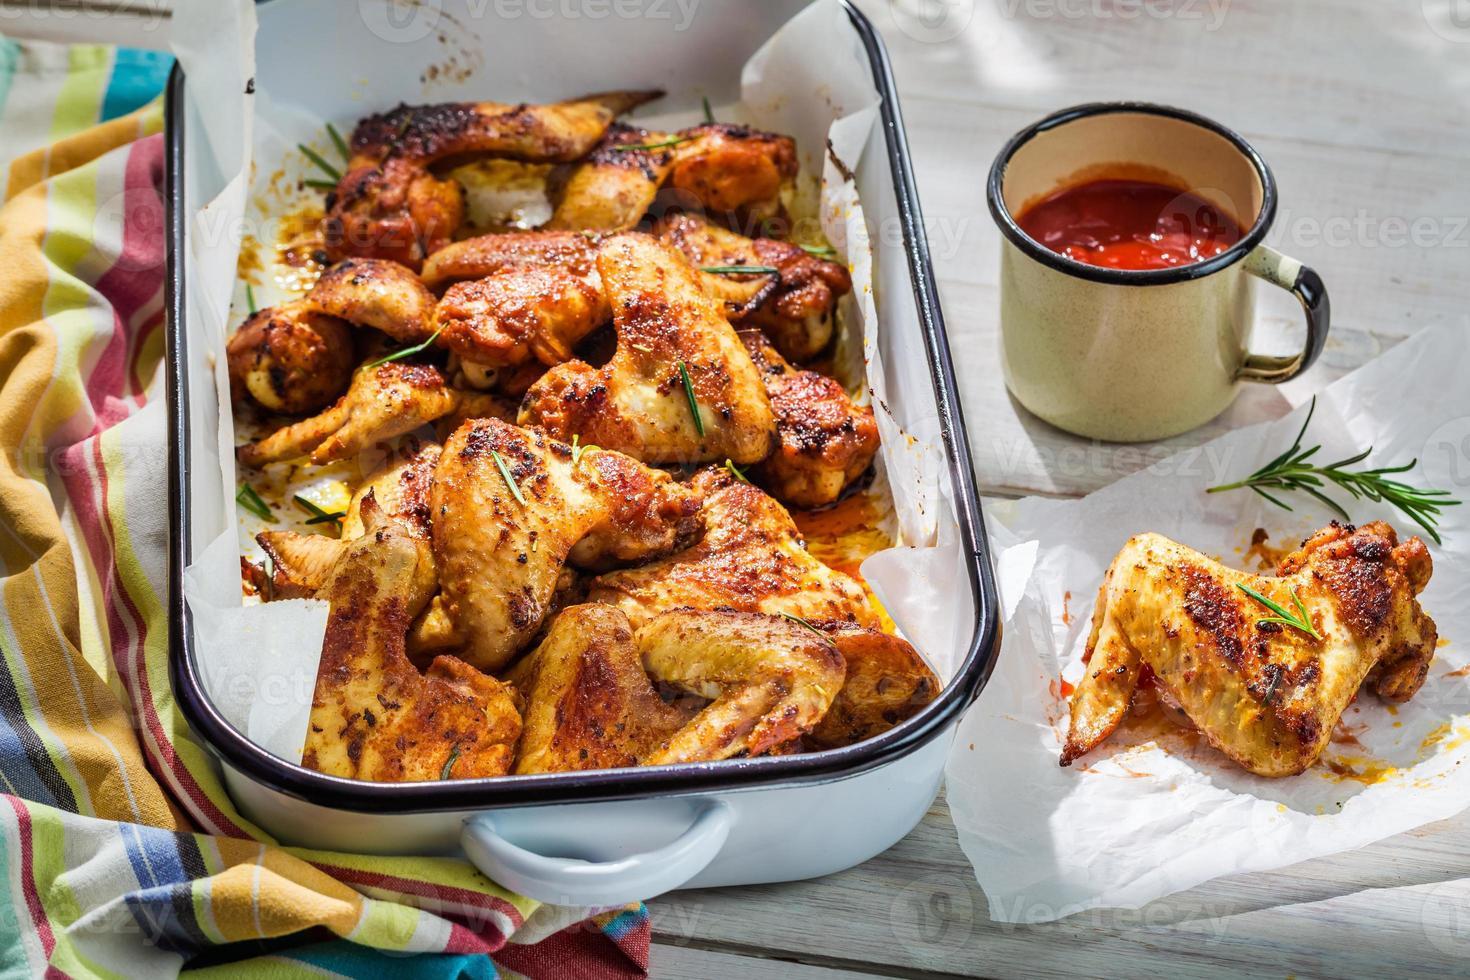 alitas de pollo crujientes con hierbas y salsa foto